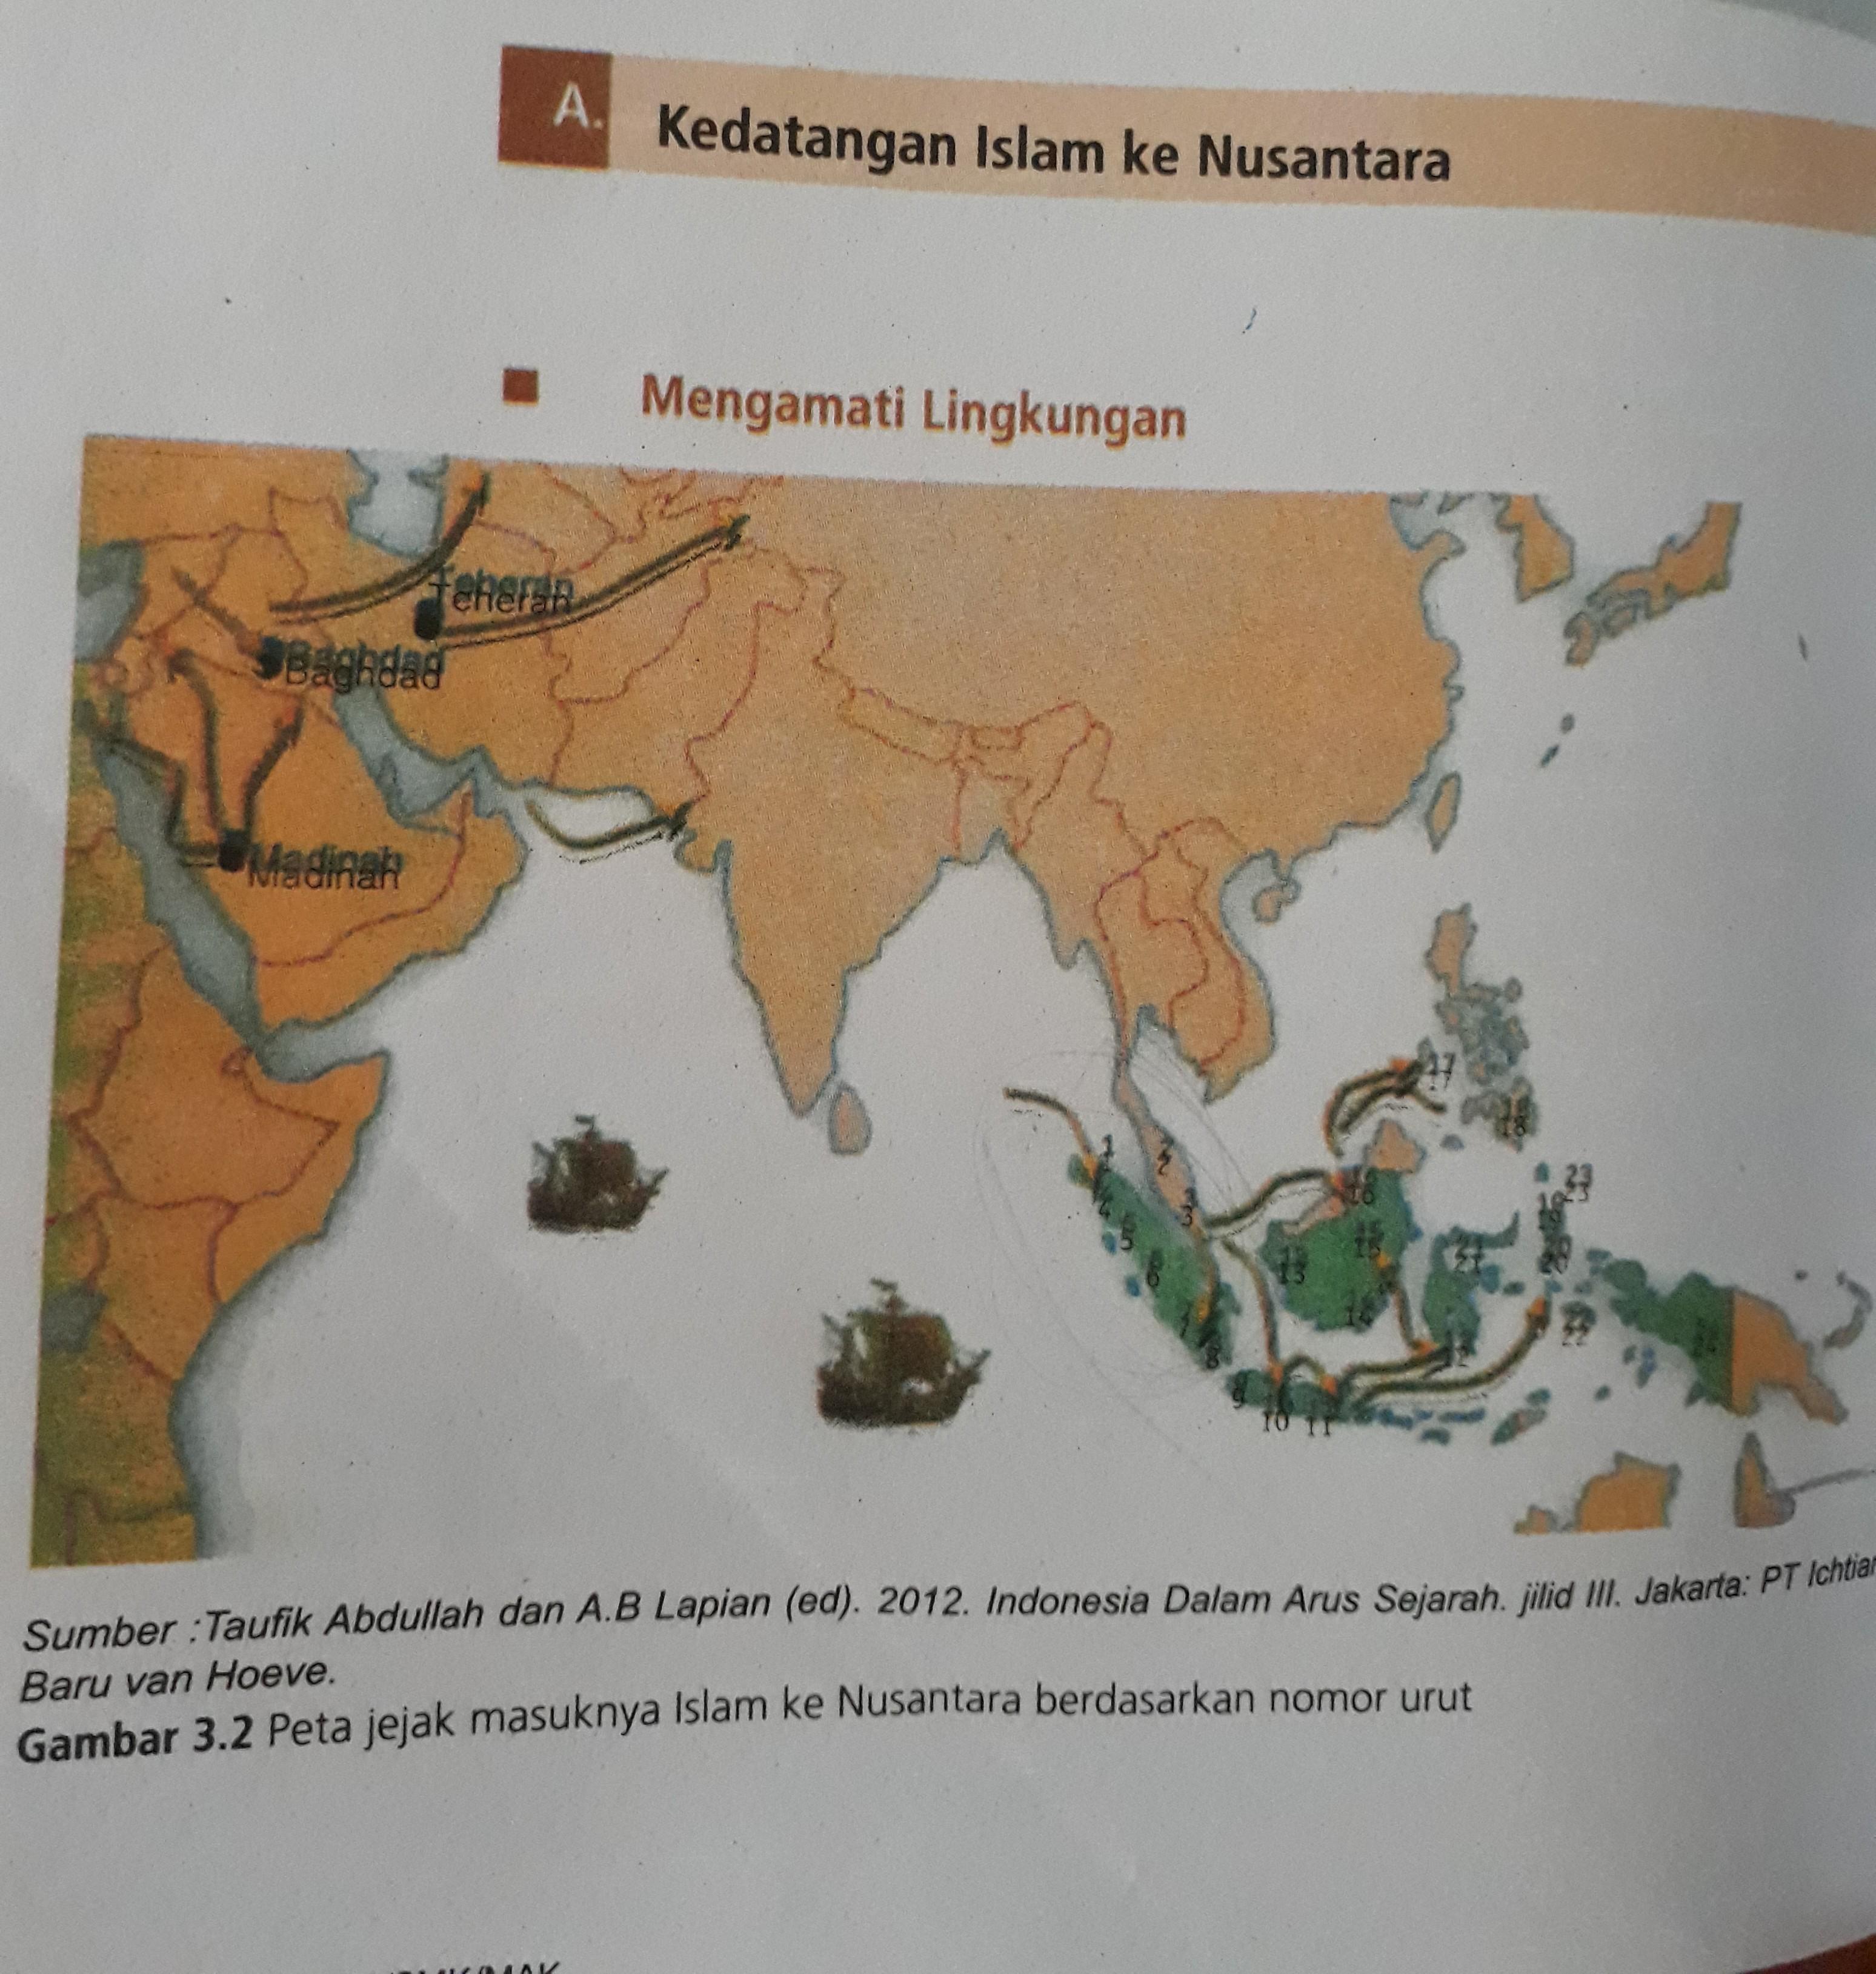 Jelaskan jalur kedatangan Islam ke Nusantara berdasarkan peta tersebut - Brainly.co.id